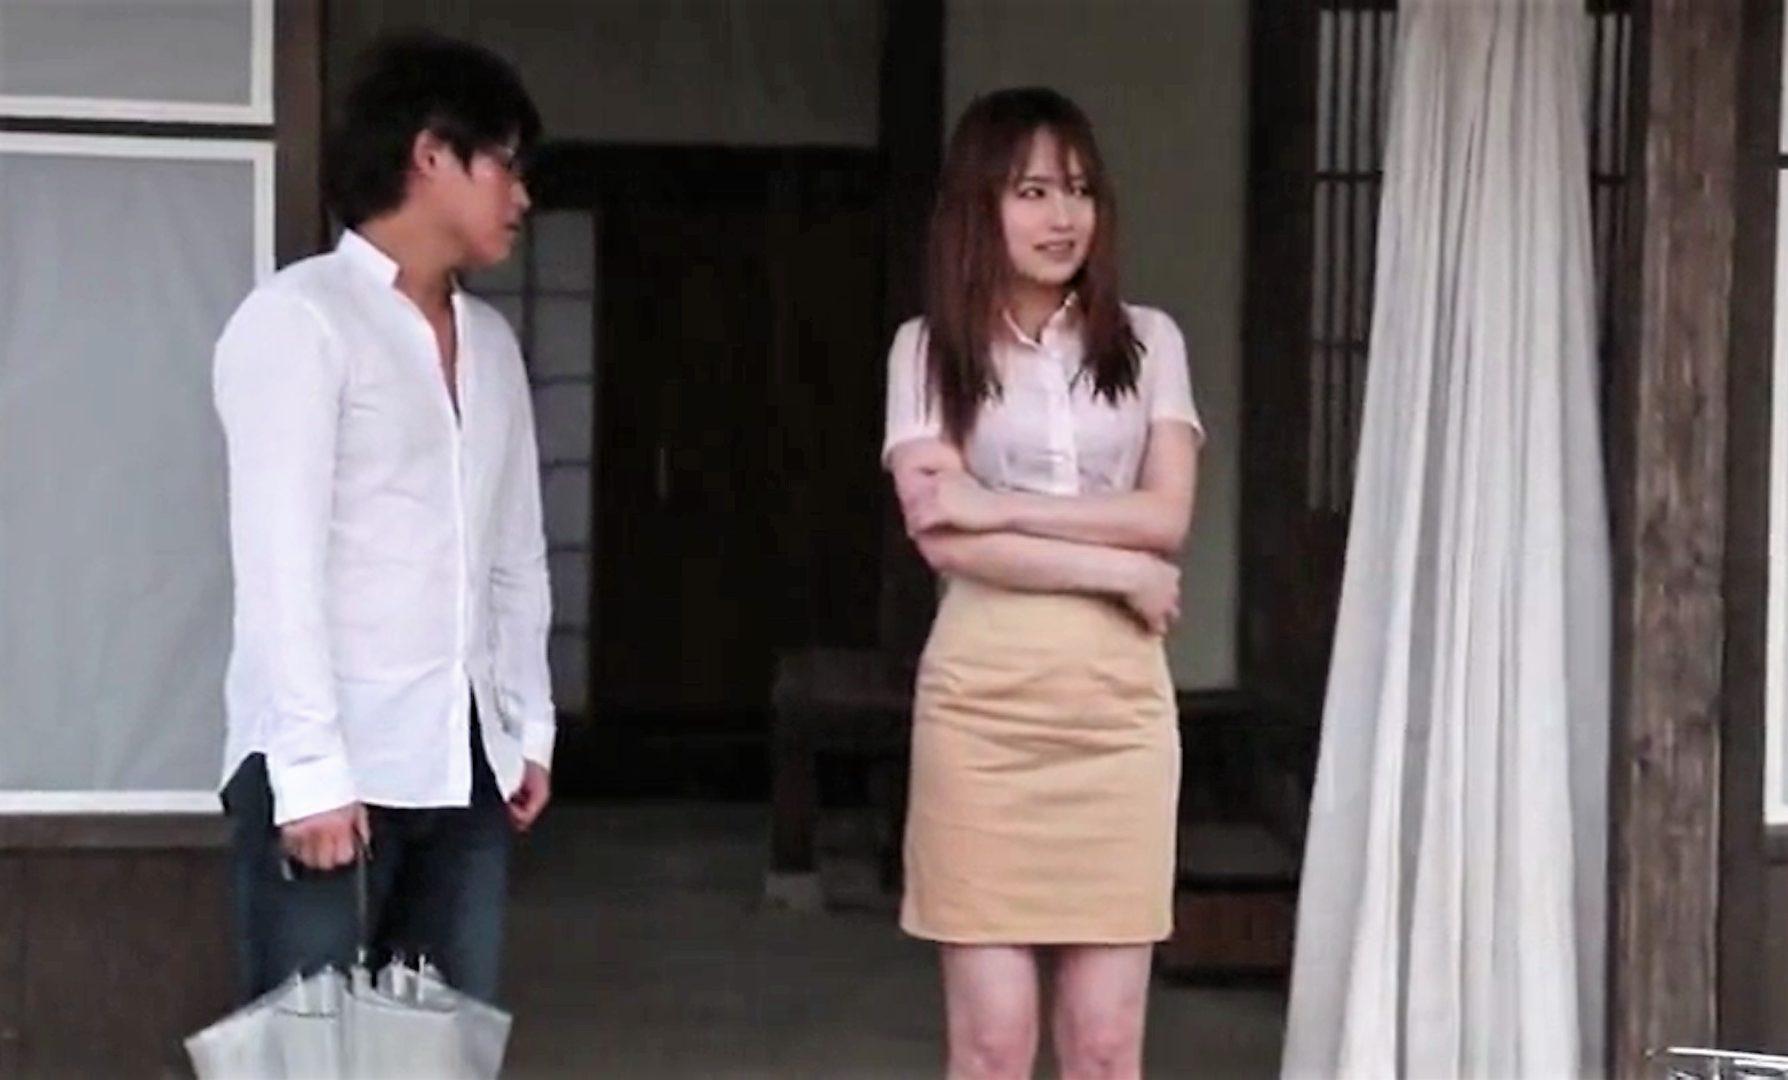 【※吉沢明歩※】雨に濡れ透けた女の姿に理性崩壊レイプ!抵抗しても力尽くで犯し尽す…!